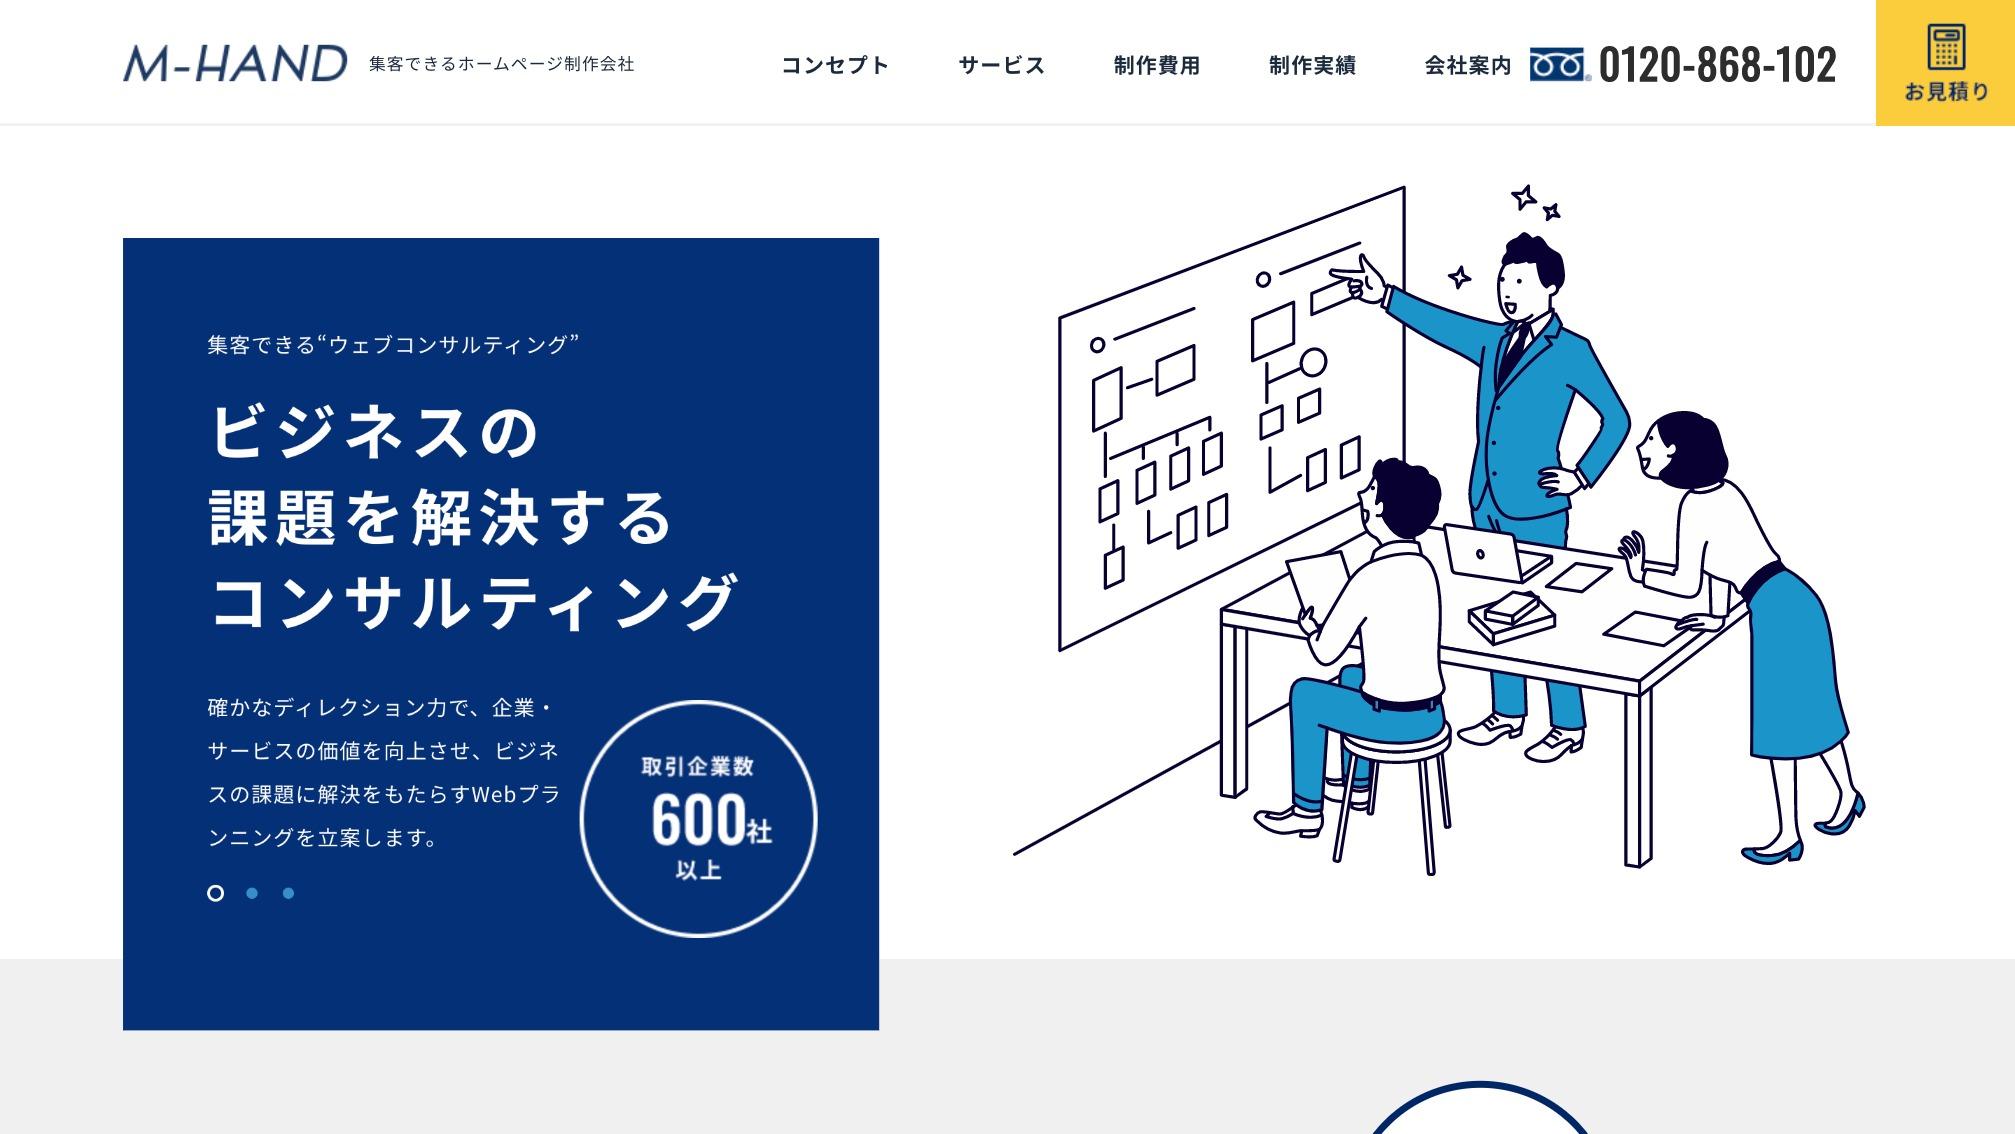 ホームページ制作会社【東京】|集客できるWEB制作のエムハンド